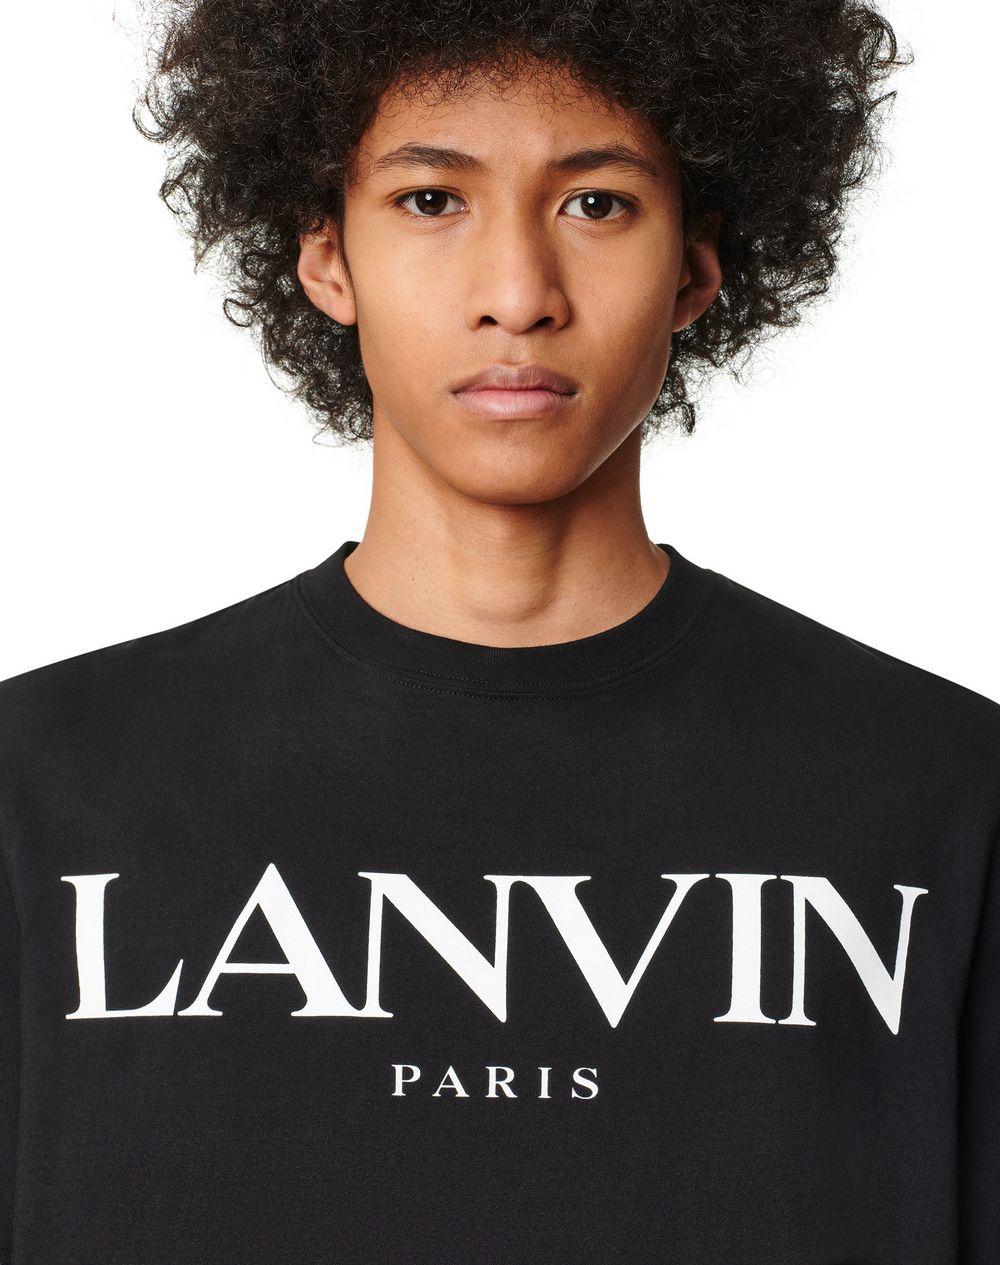 プリント Tシャツ - Lanvin